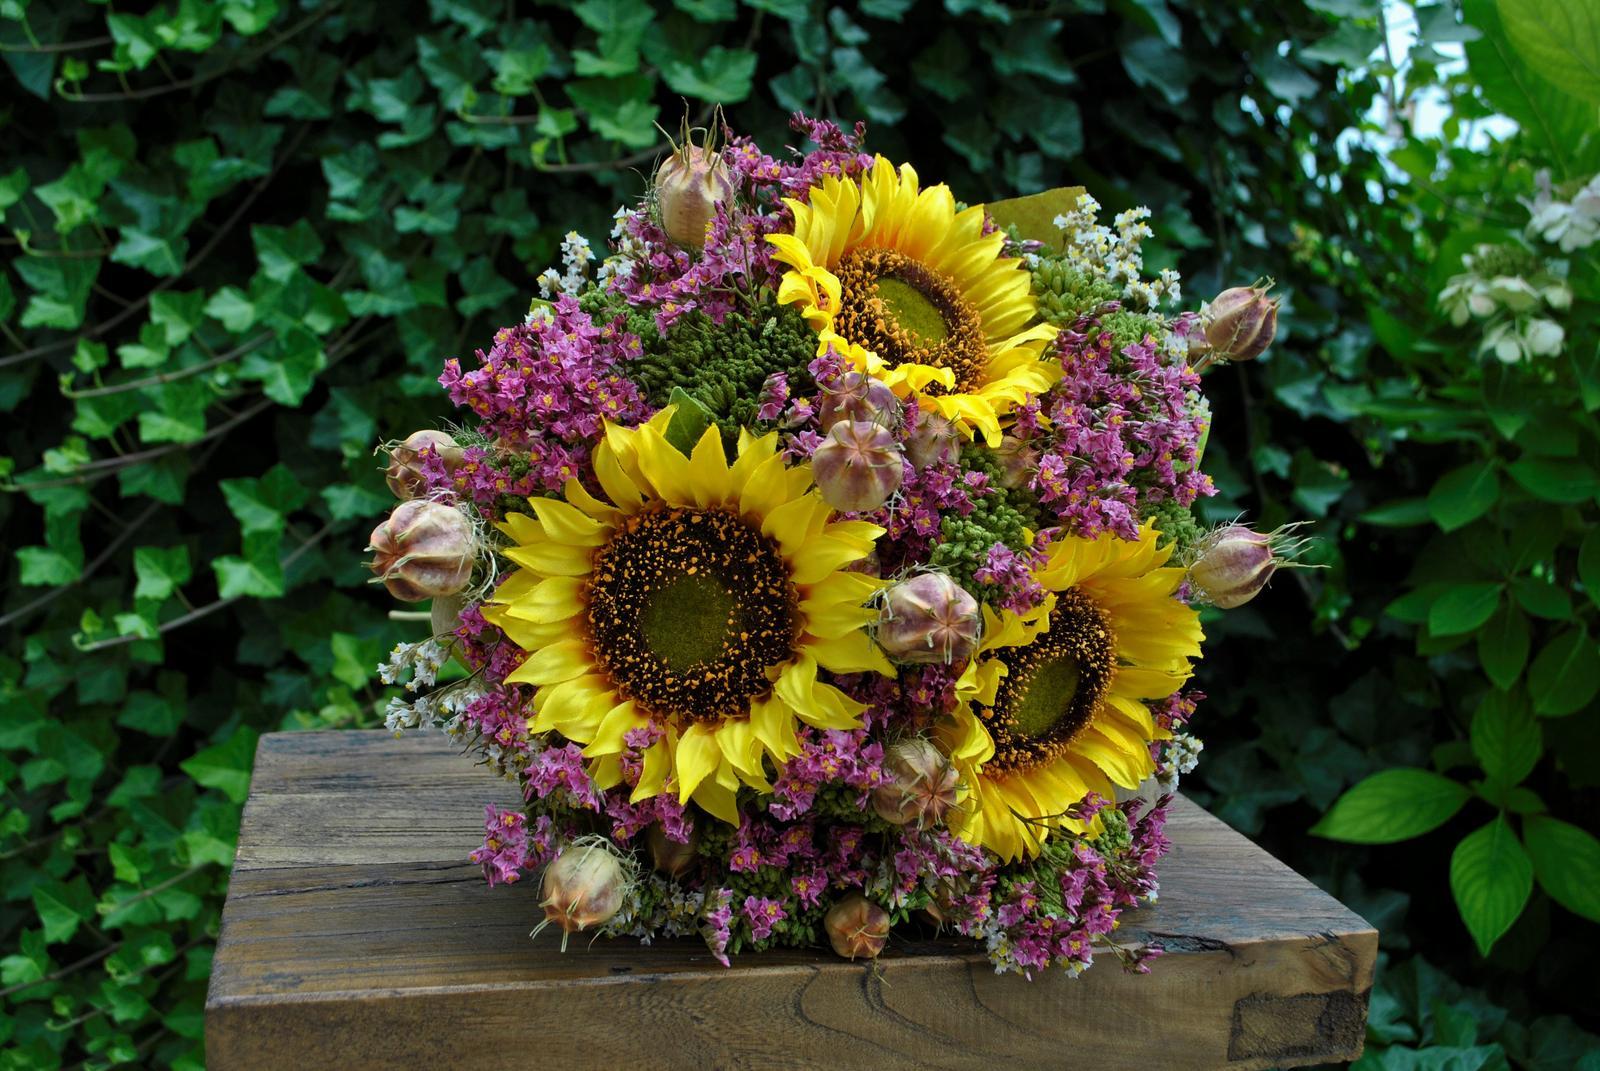 Kytica SLNEČNICE z textilných a sušených kvetov... potešenie z kvetov na dlhú dobu , kyticu aj samotné kvety nájdete v našej ponuke e-shopu - Obrázok č. 8